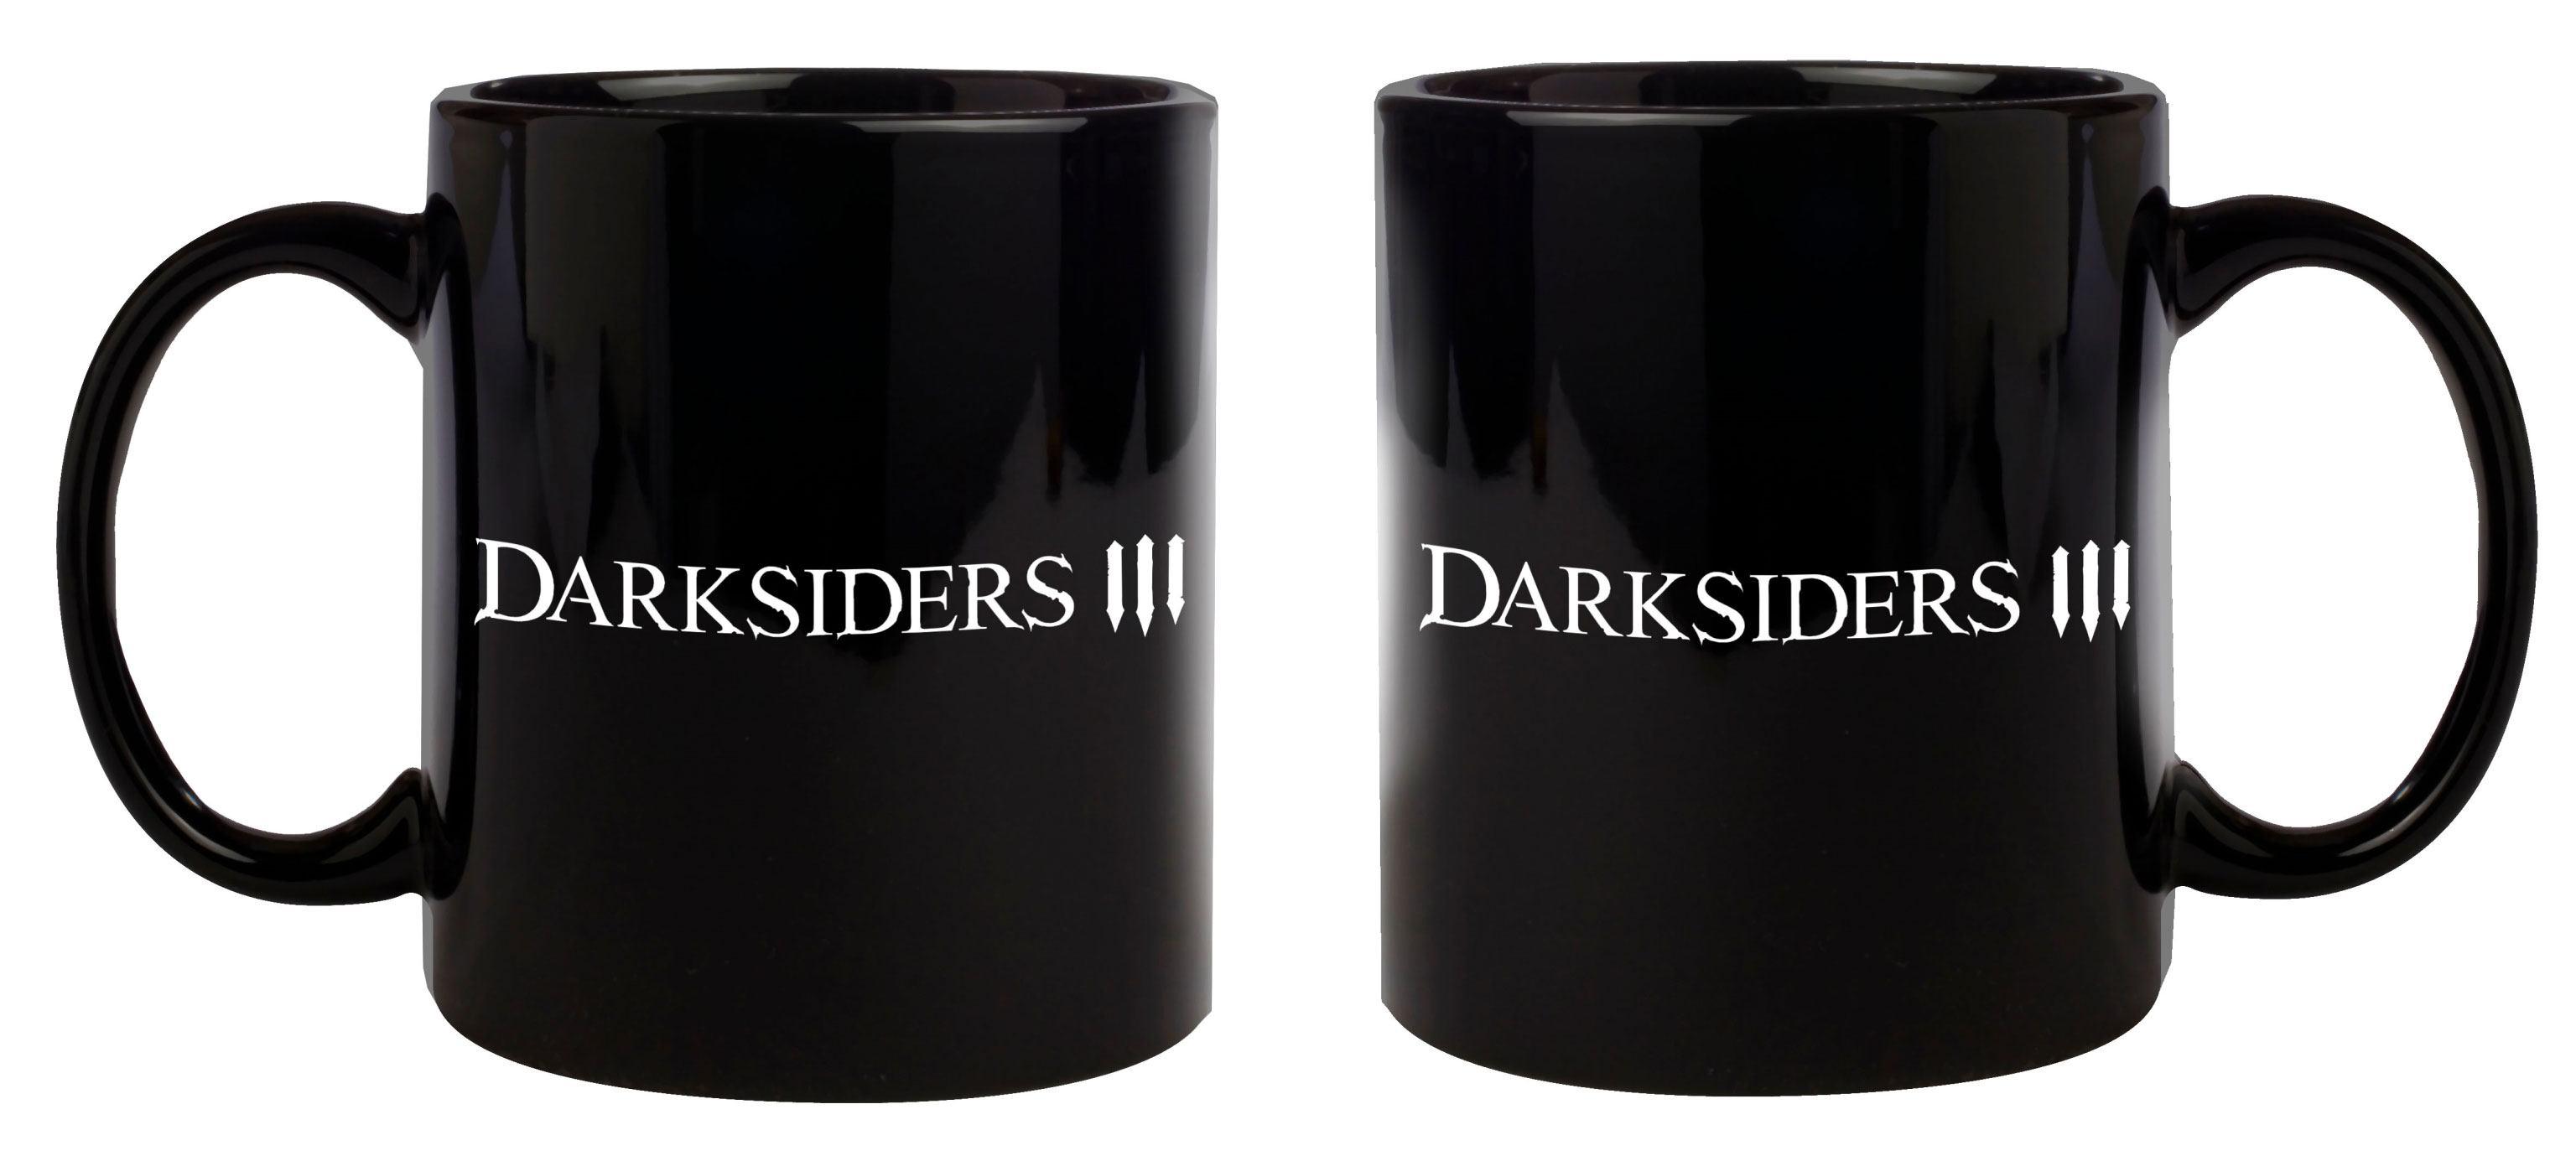 Darksiders III Mug Logo